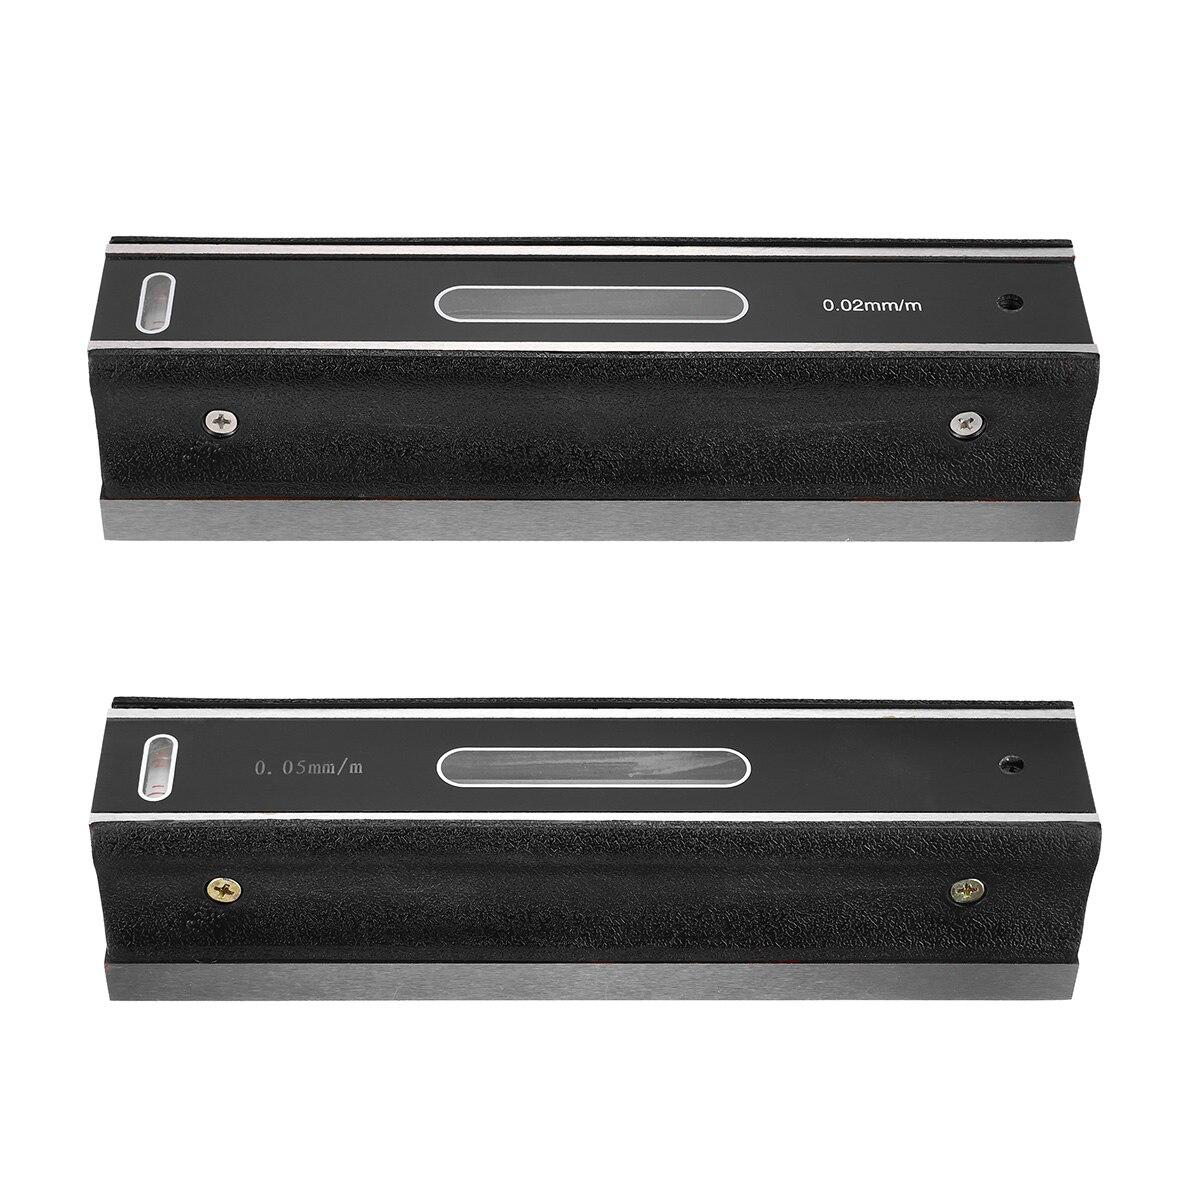 ZEAST 200mm précision 0.02mm/0.05mm niveau de précision barre de Graduation mesure niveleur flacons à bulles niveau de barre horizontale - 2